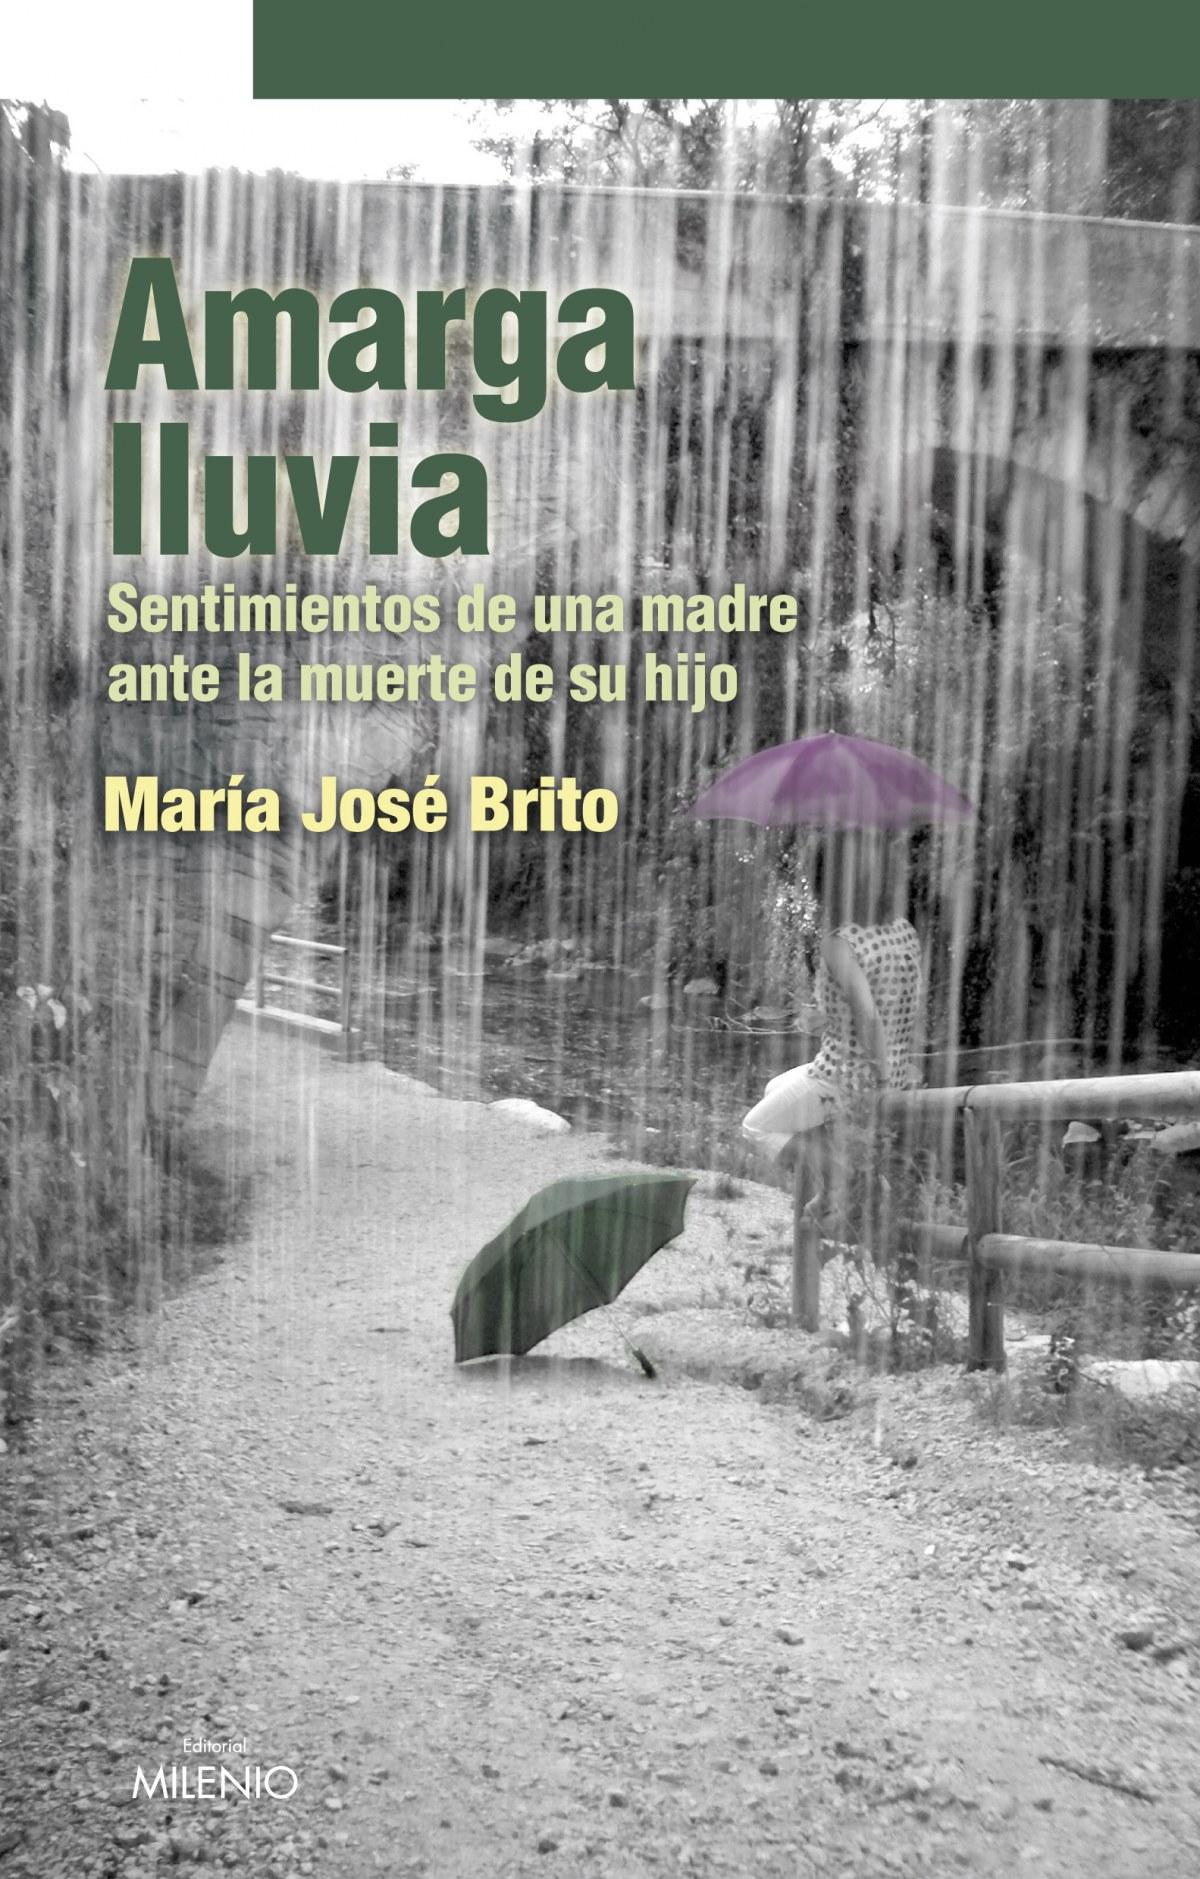 Amarga lluvia Sentimientos de una madre ante la muerte de su hijo - Brito, Maria Jose